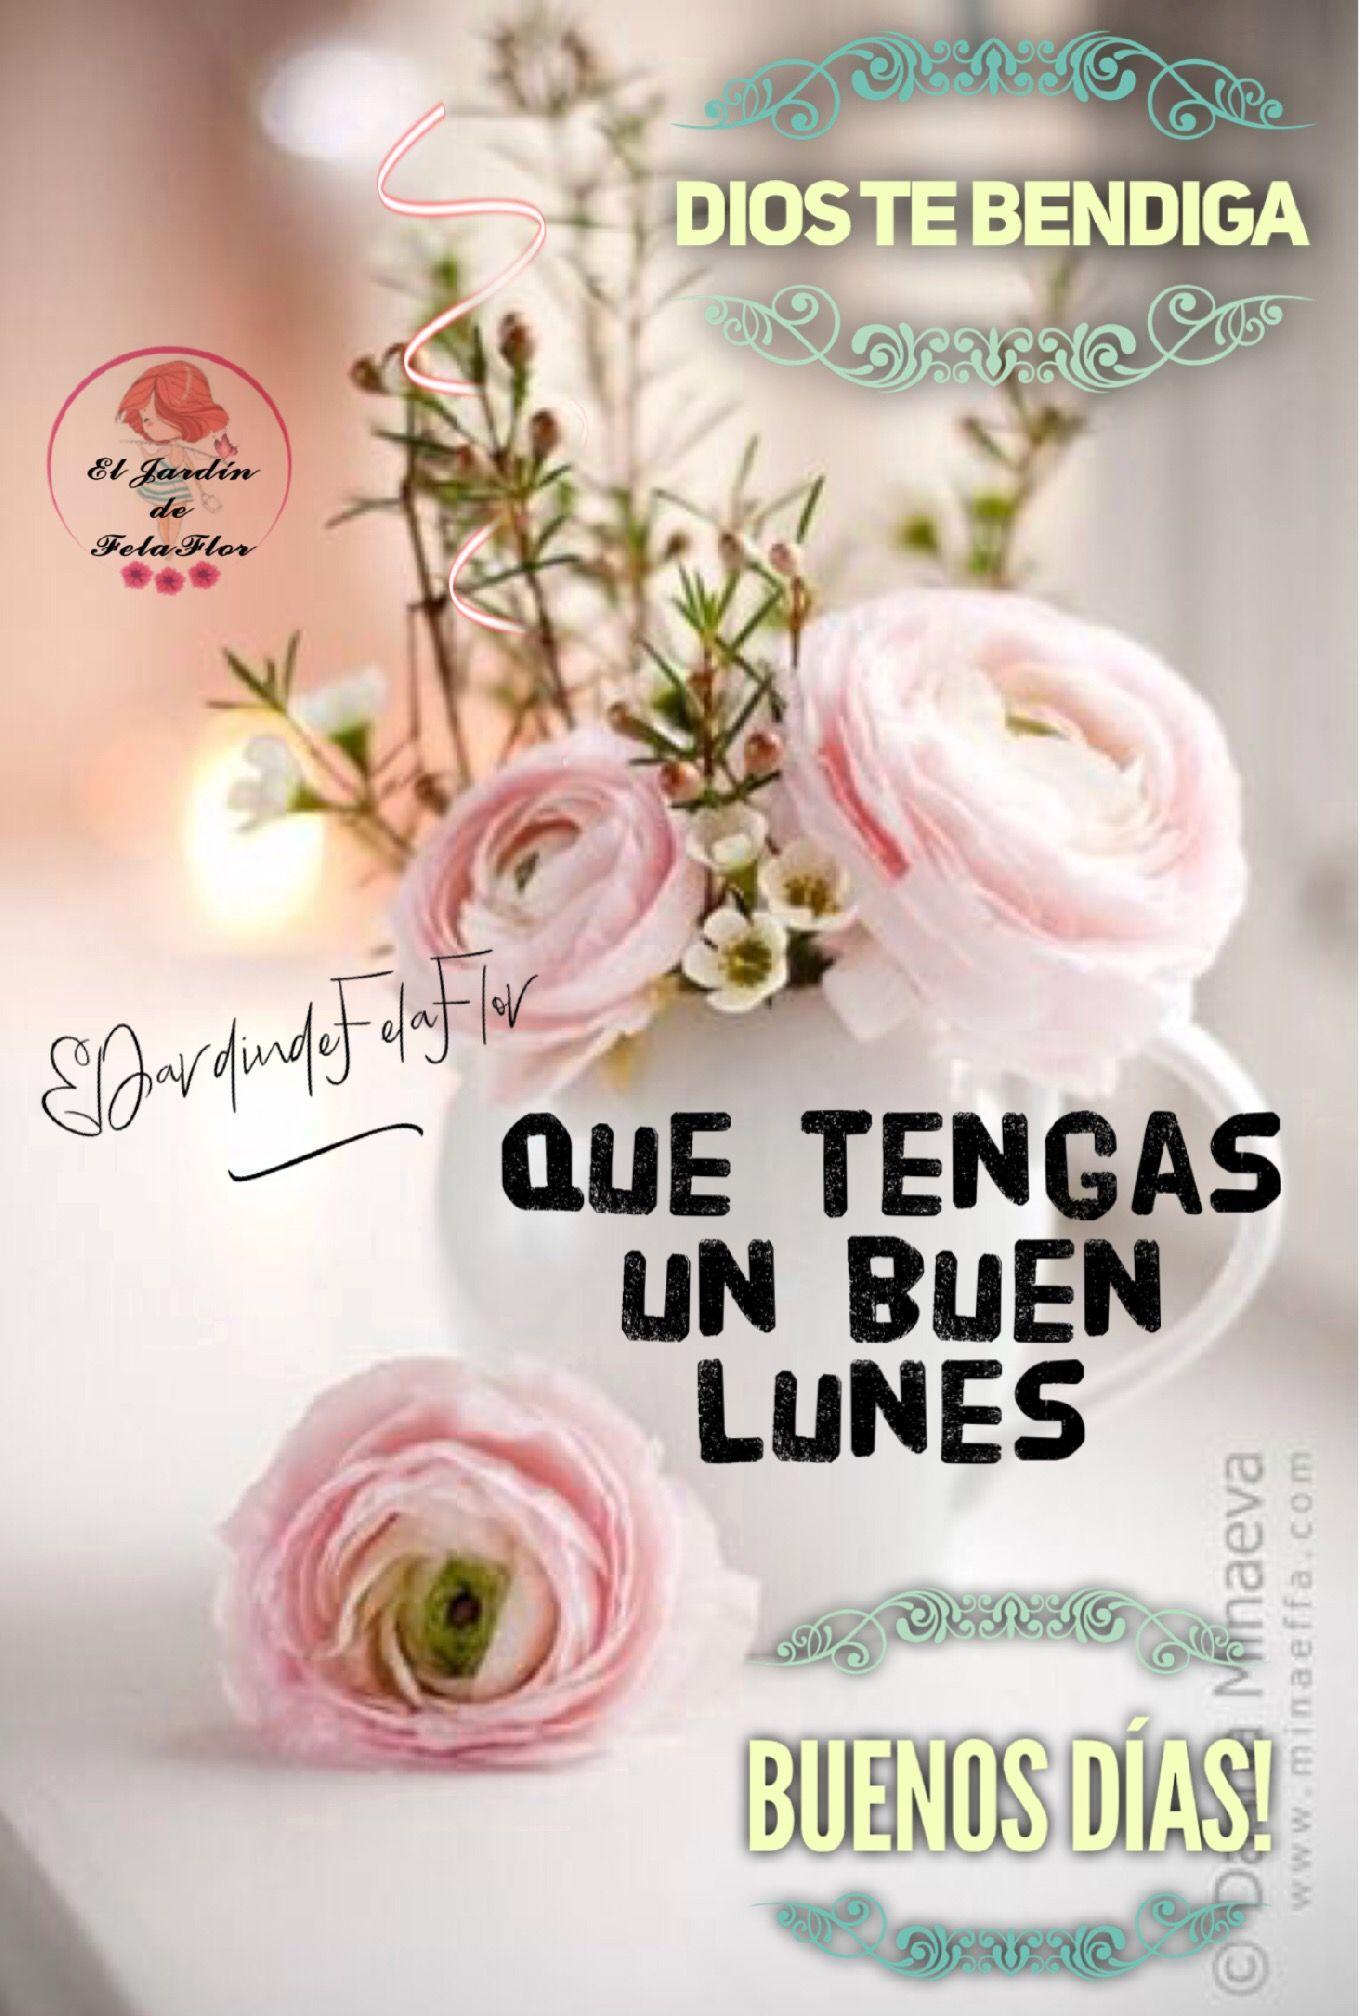 Bonito Lunes Mi Amor pin de el jardín de fela flor en el jardín de fela flor